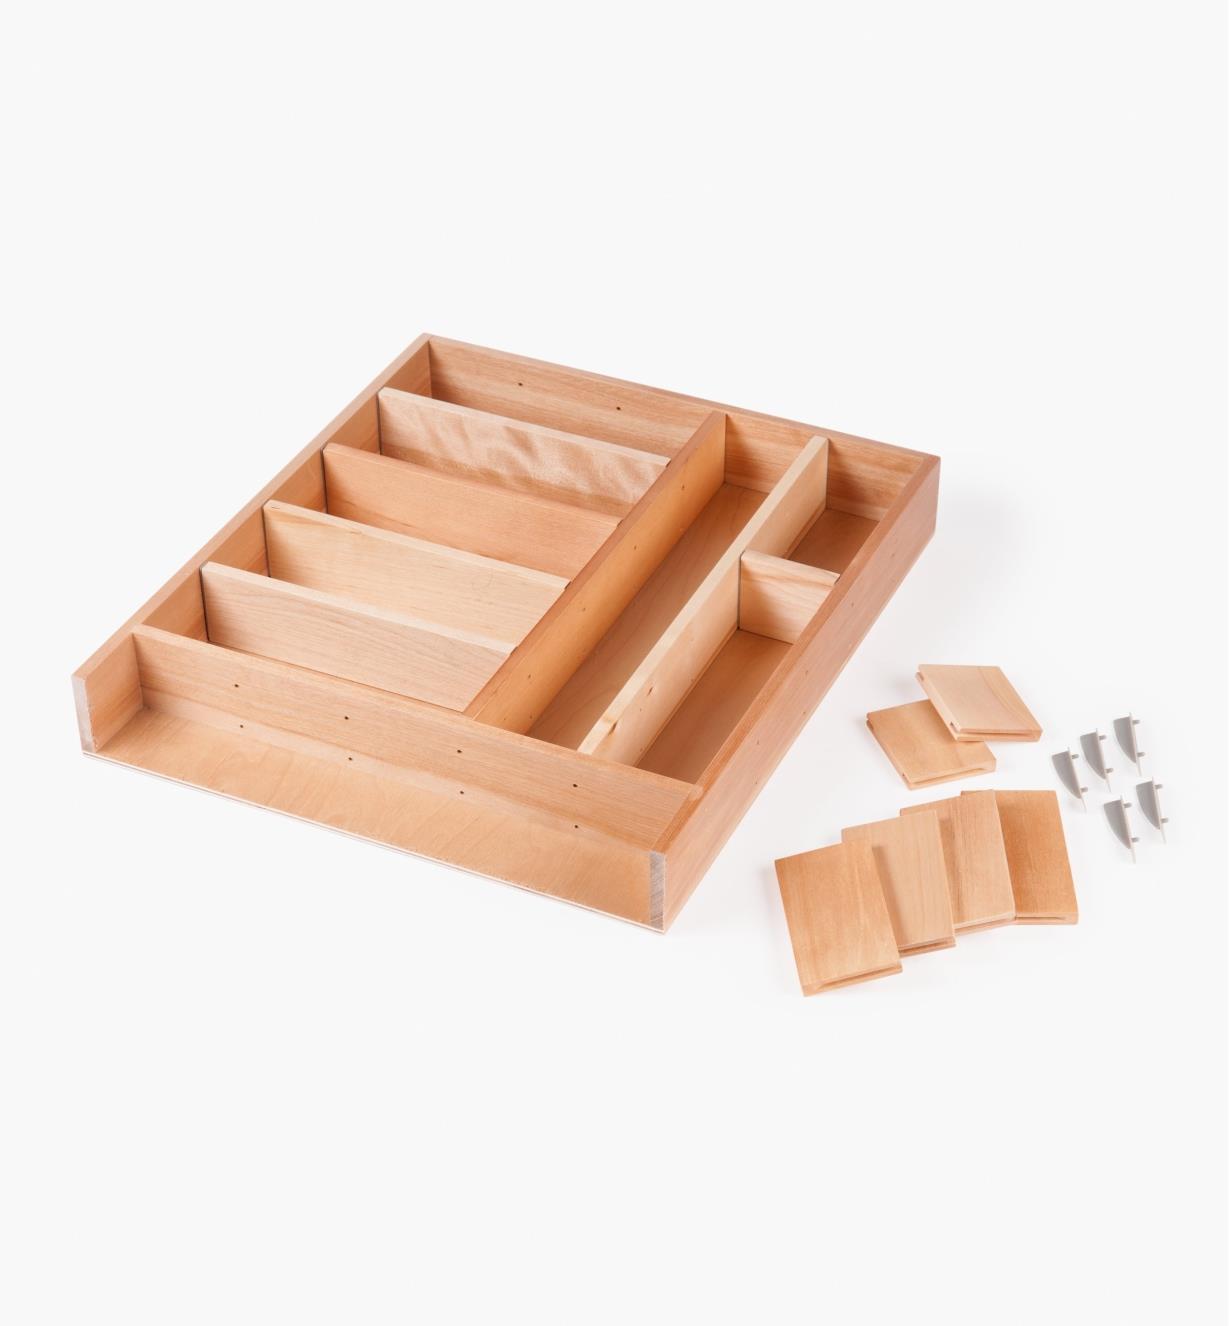 17K7553 - Large Adjustable Drawer Insert